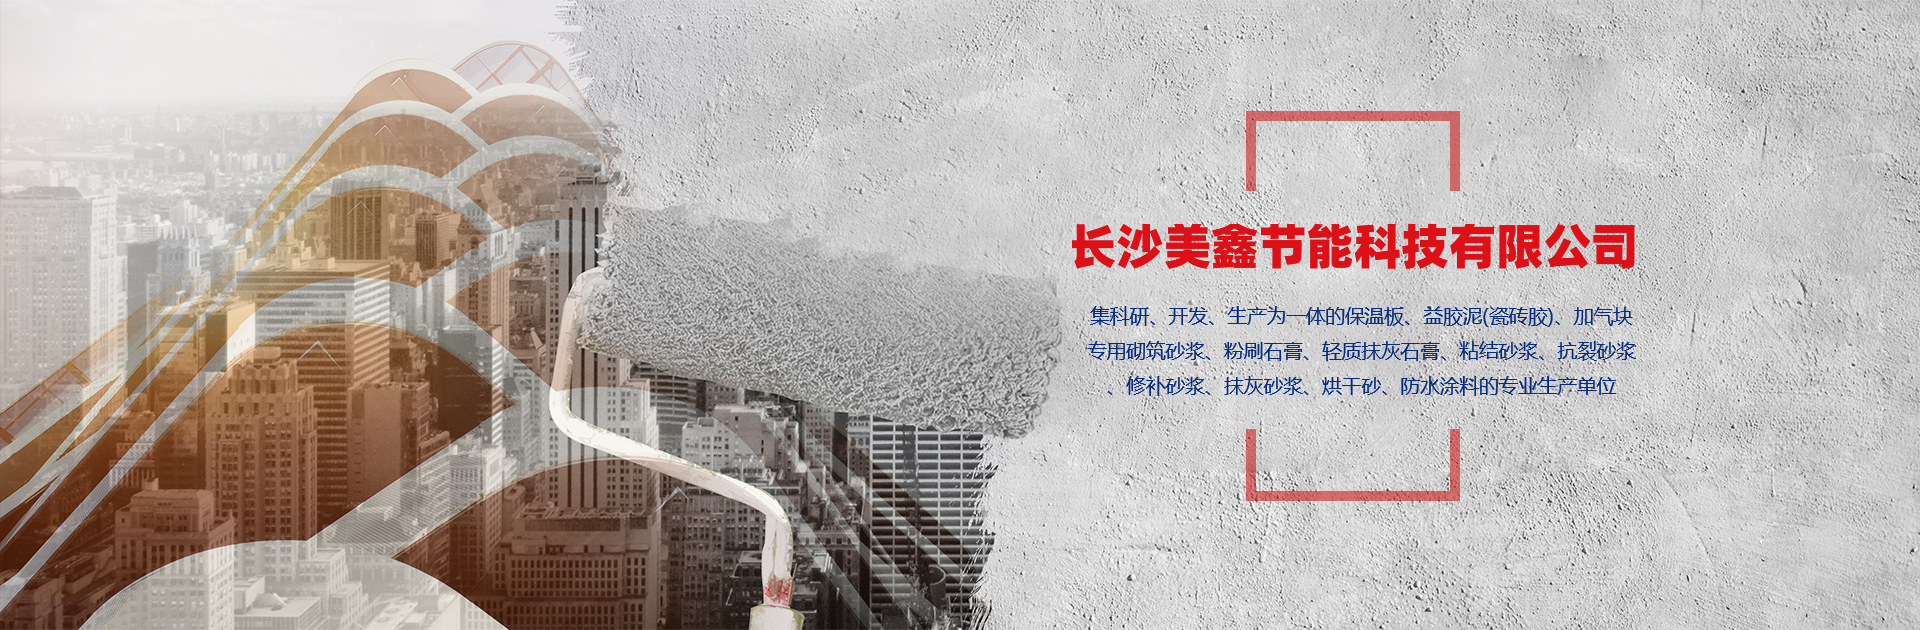 长沙美鑫节能科技有限公司